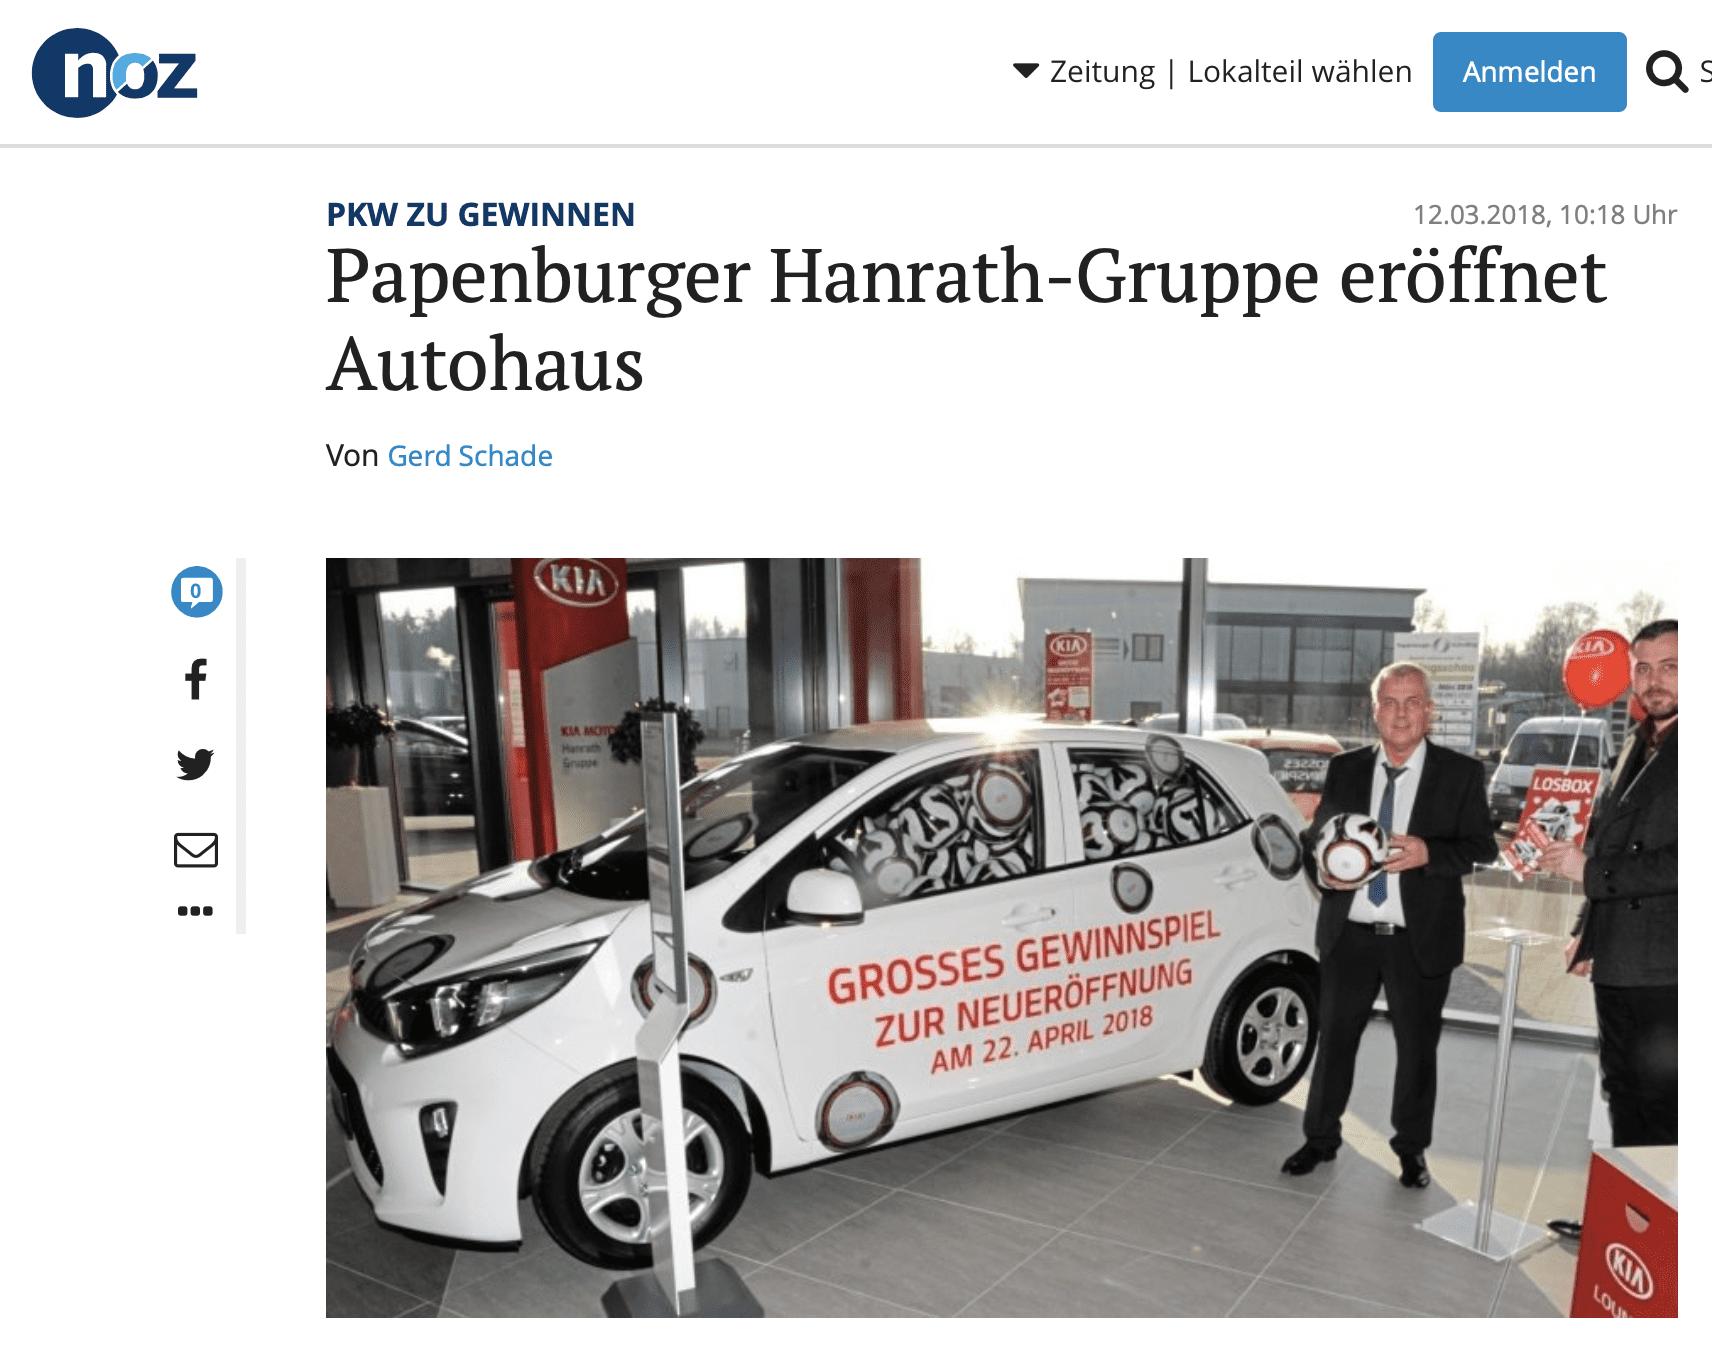 Papenburger Hanrath-Gruppe eröffnet Autohaus mit Schätz-Gewinnspiel